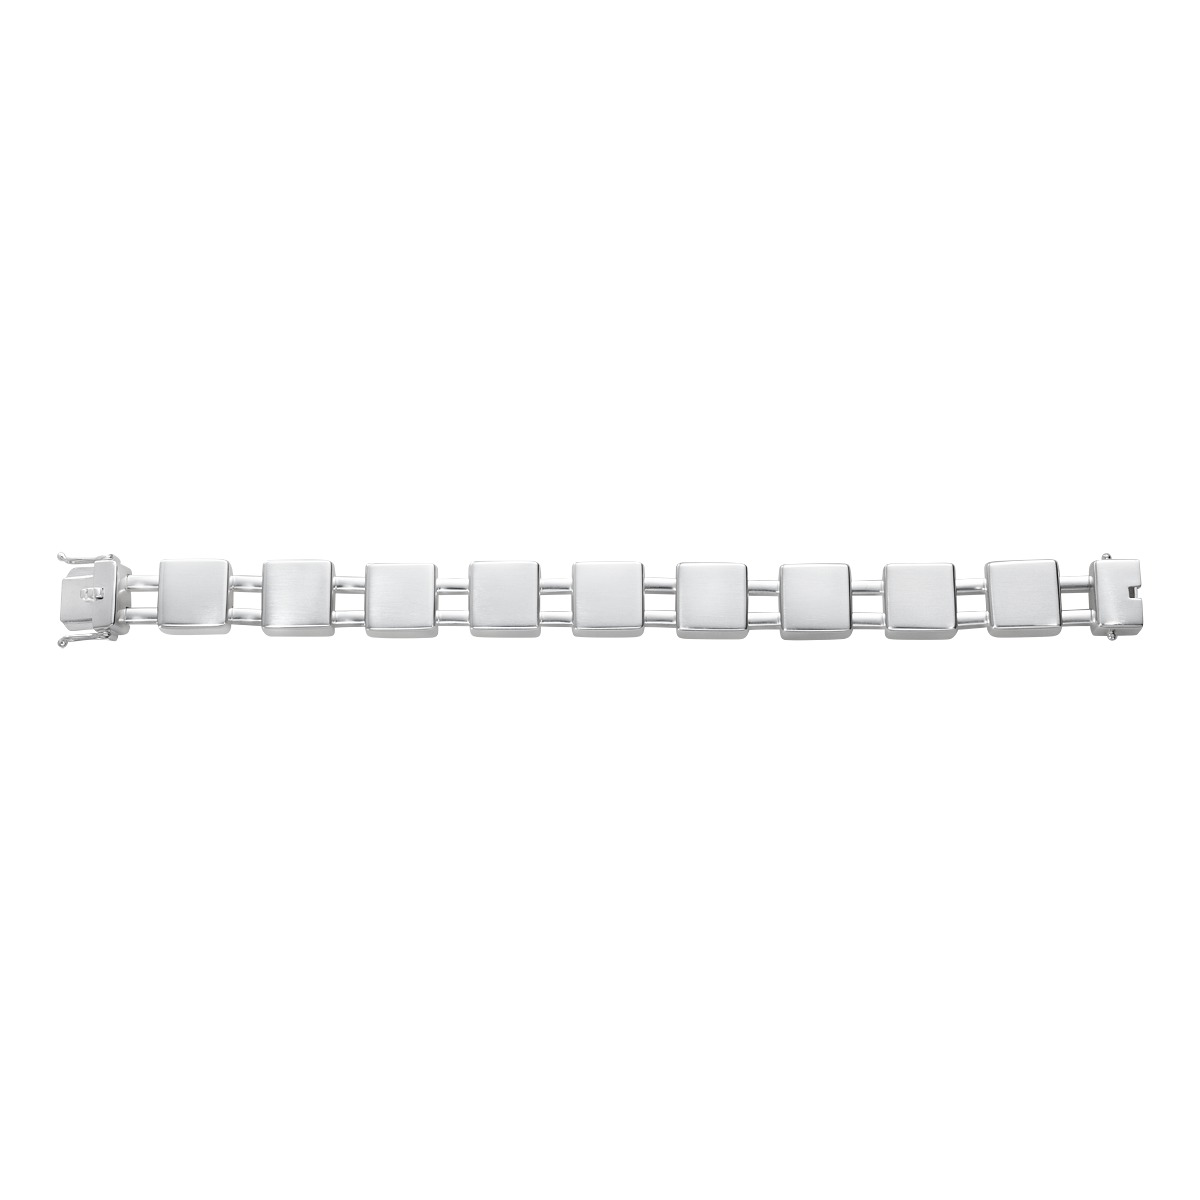 Georg Jensen ARIA armbånd - 3531193 S/M - 18 centimeter